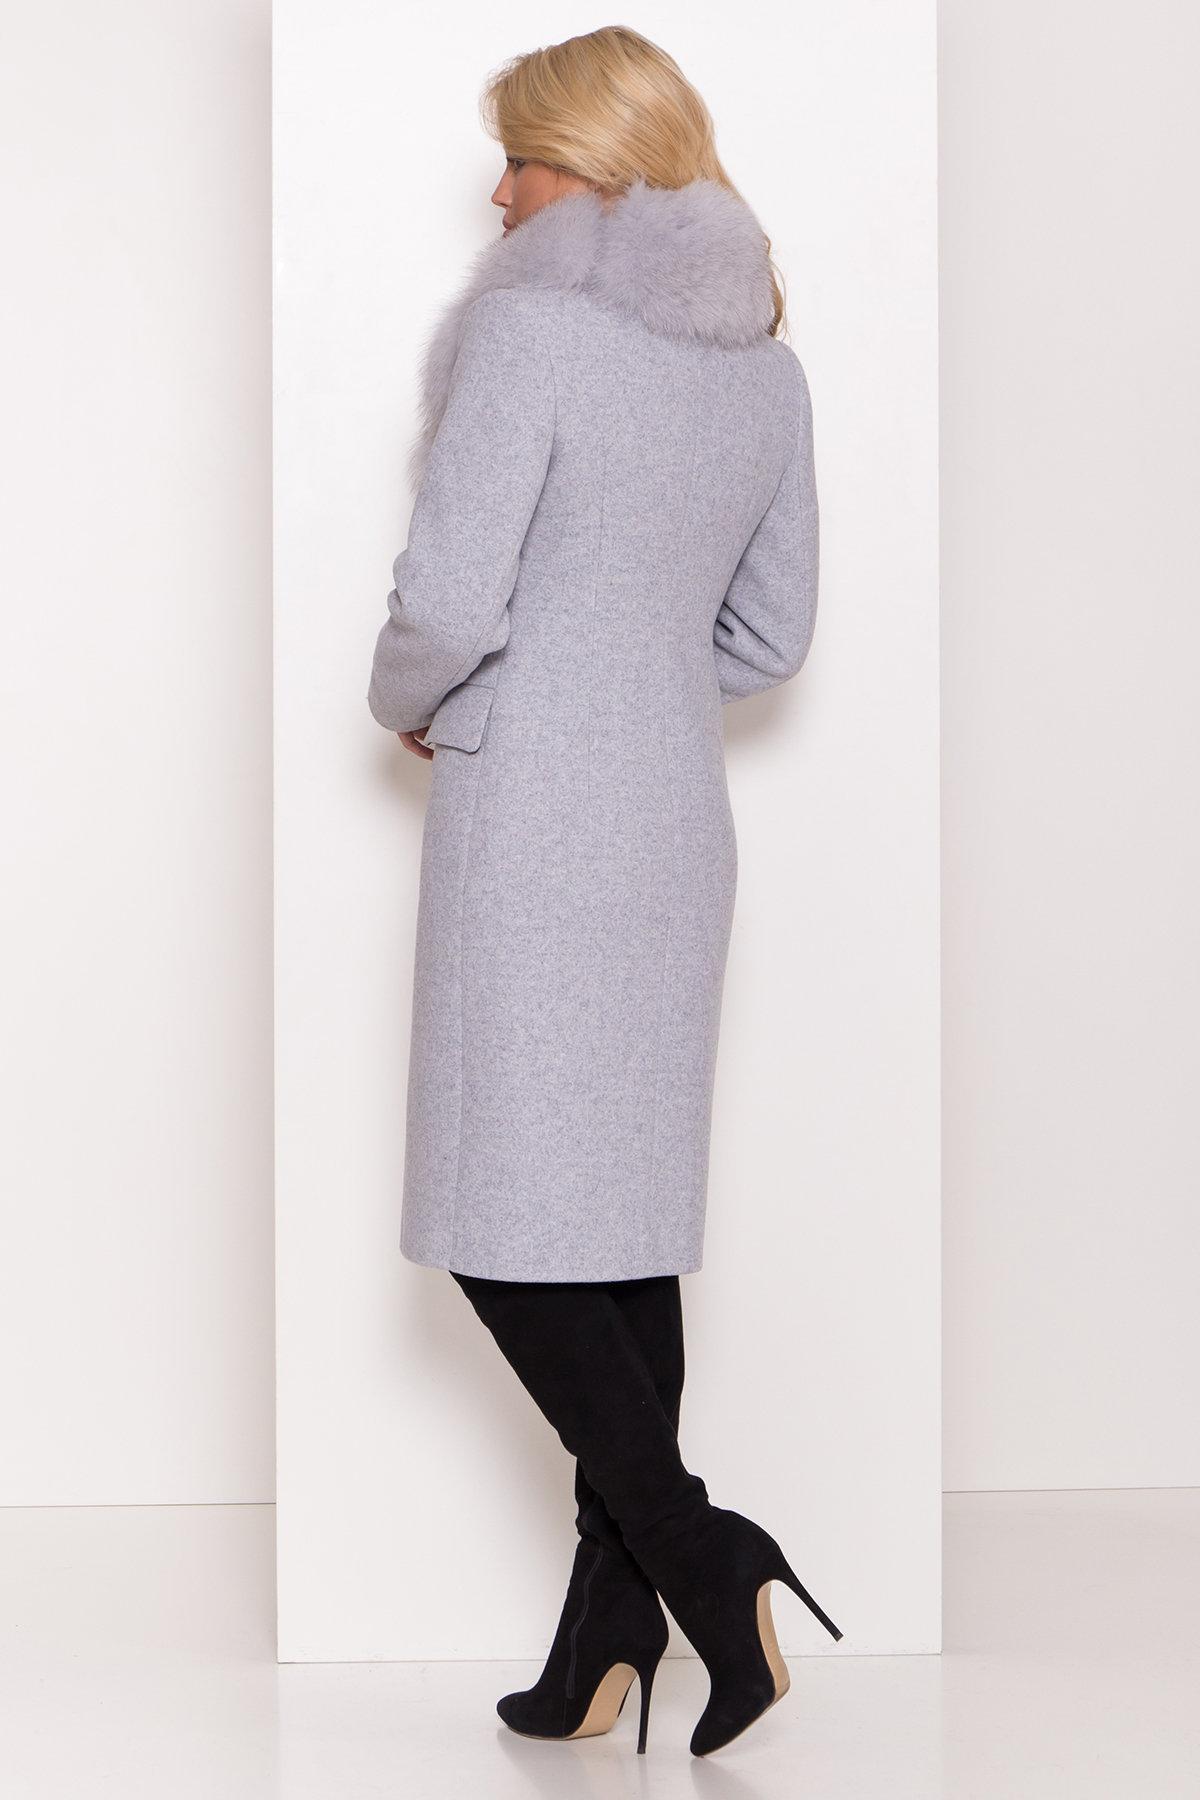 Пальто зима с меховым воротником Лабио 8149 АРТ. 44105 Цвет: Серый Светлый 33 - фото 4, интернет магазин tm-modus.ru